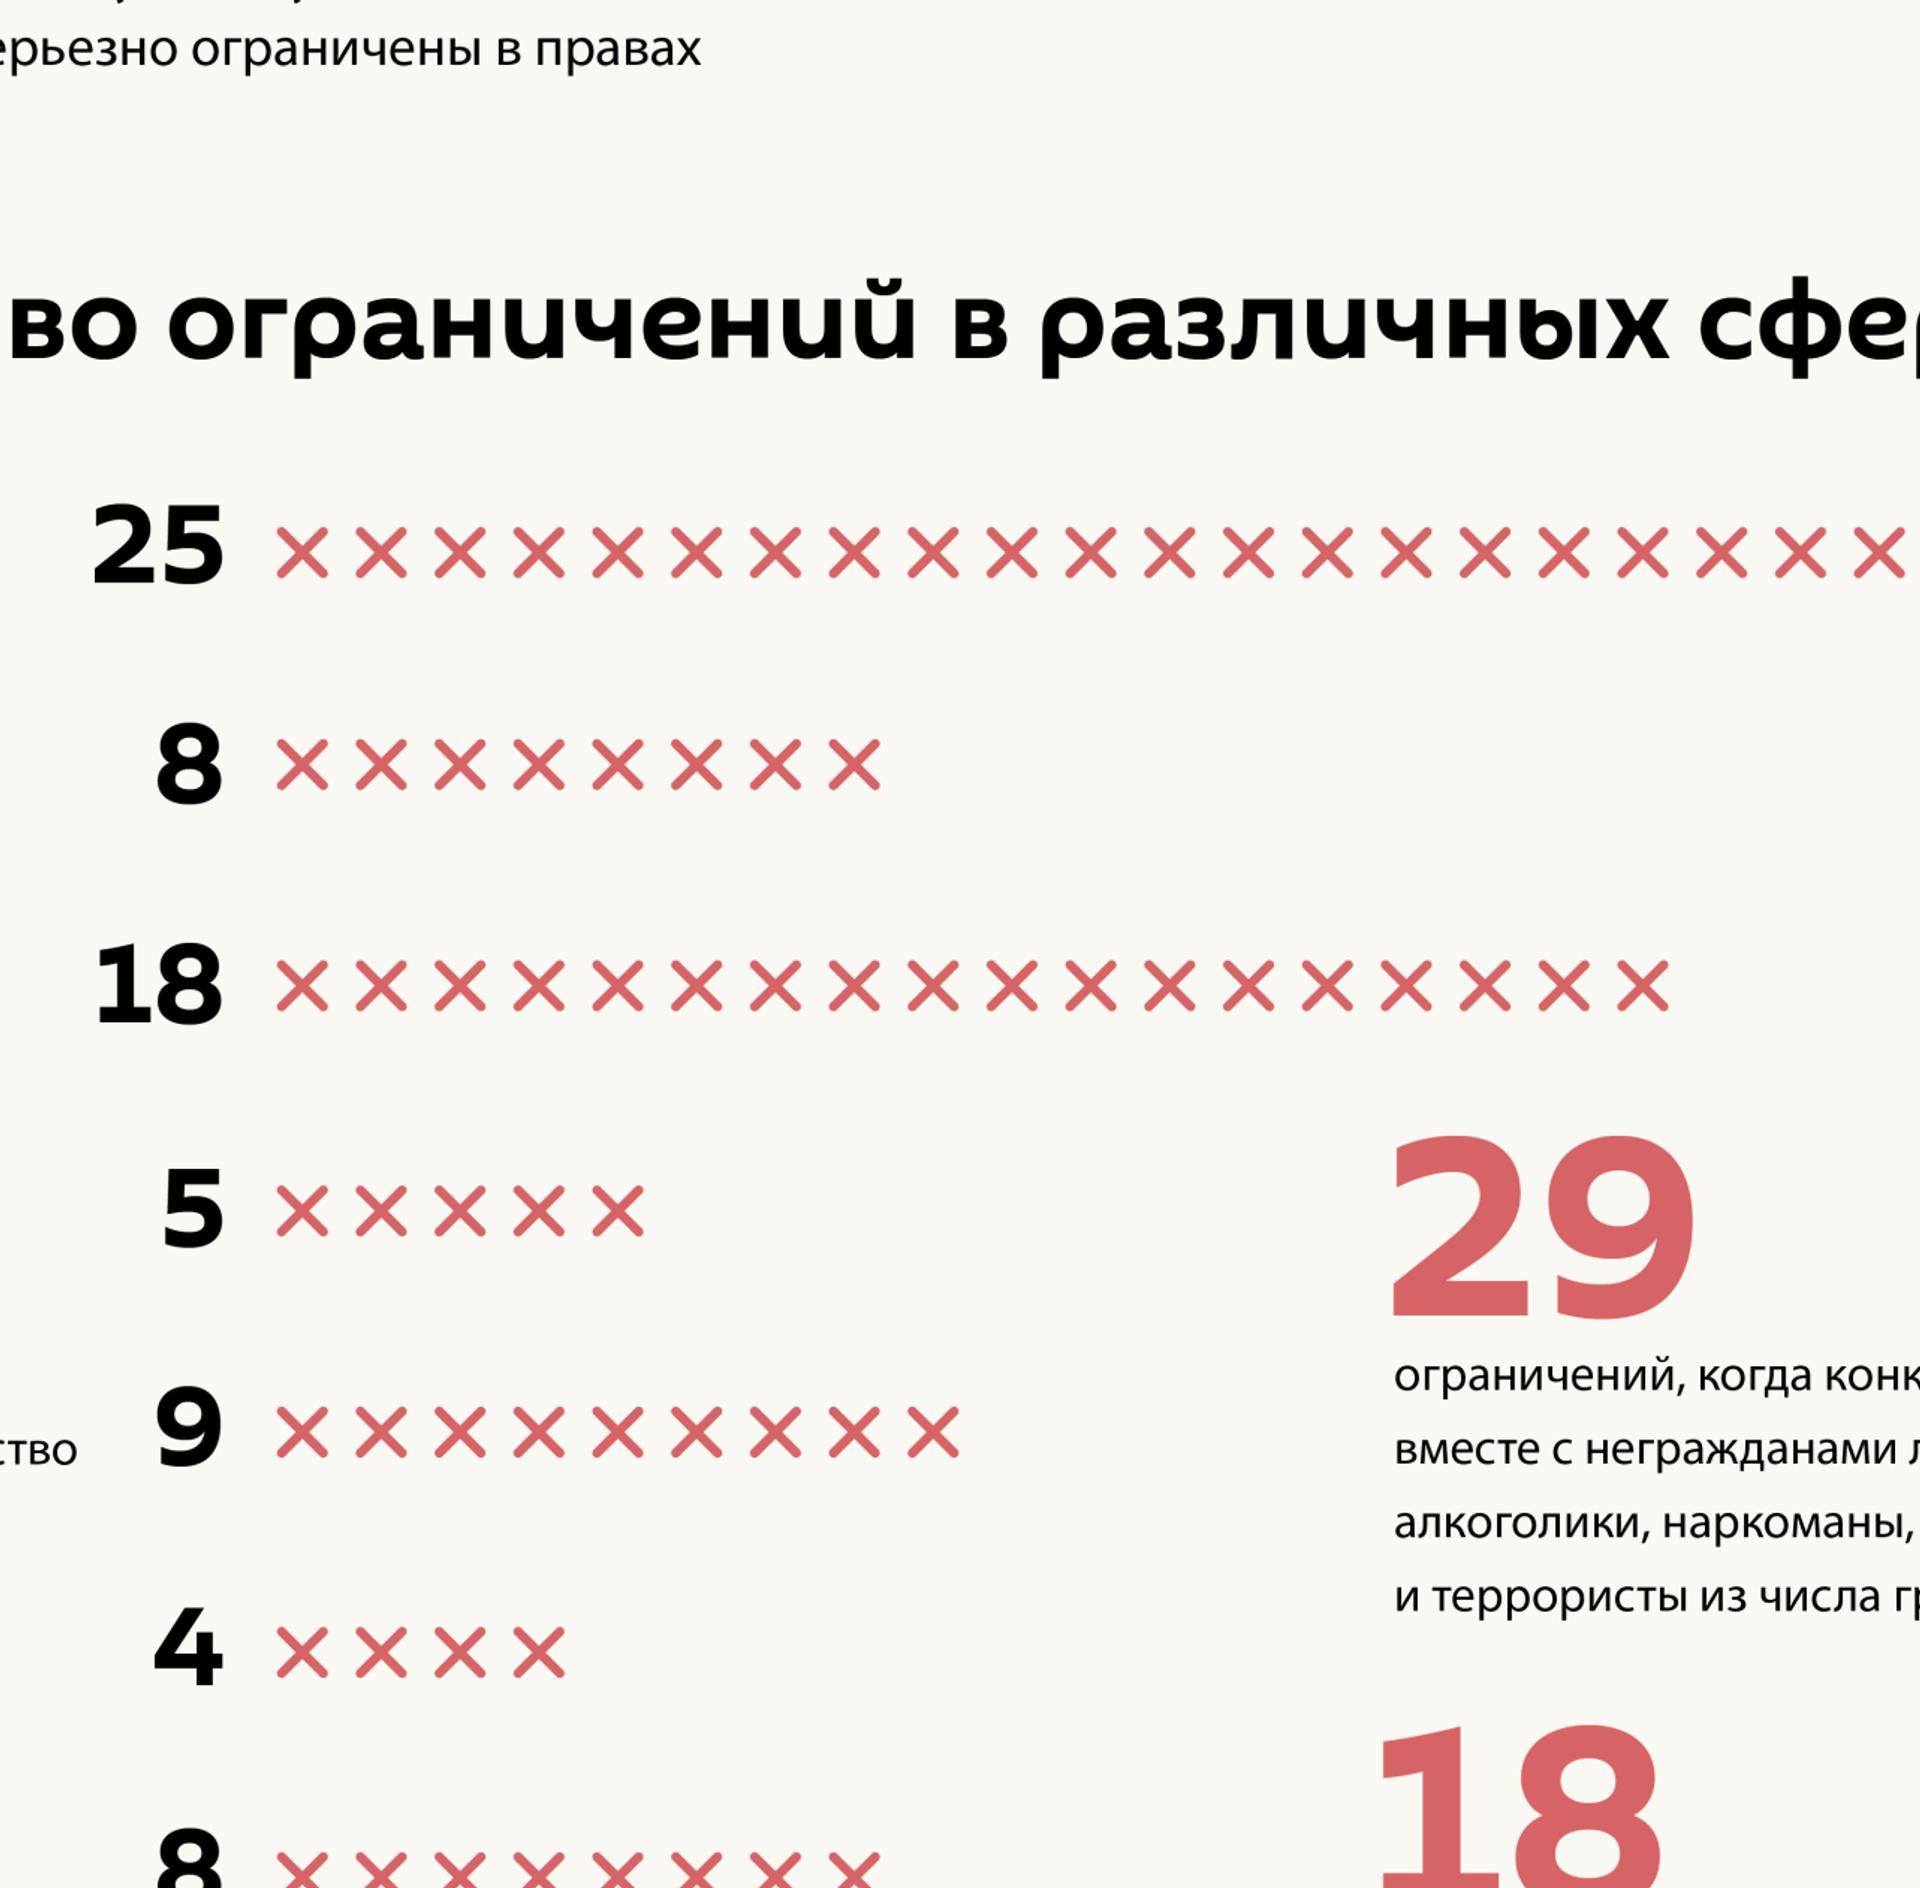 Неграждане и граждане Латвии: различия в правах - Sputnik Латвия, 1920, 01.06.2021